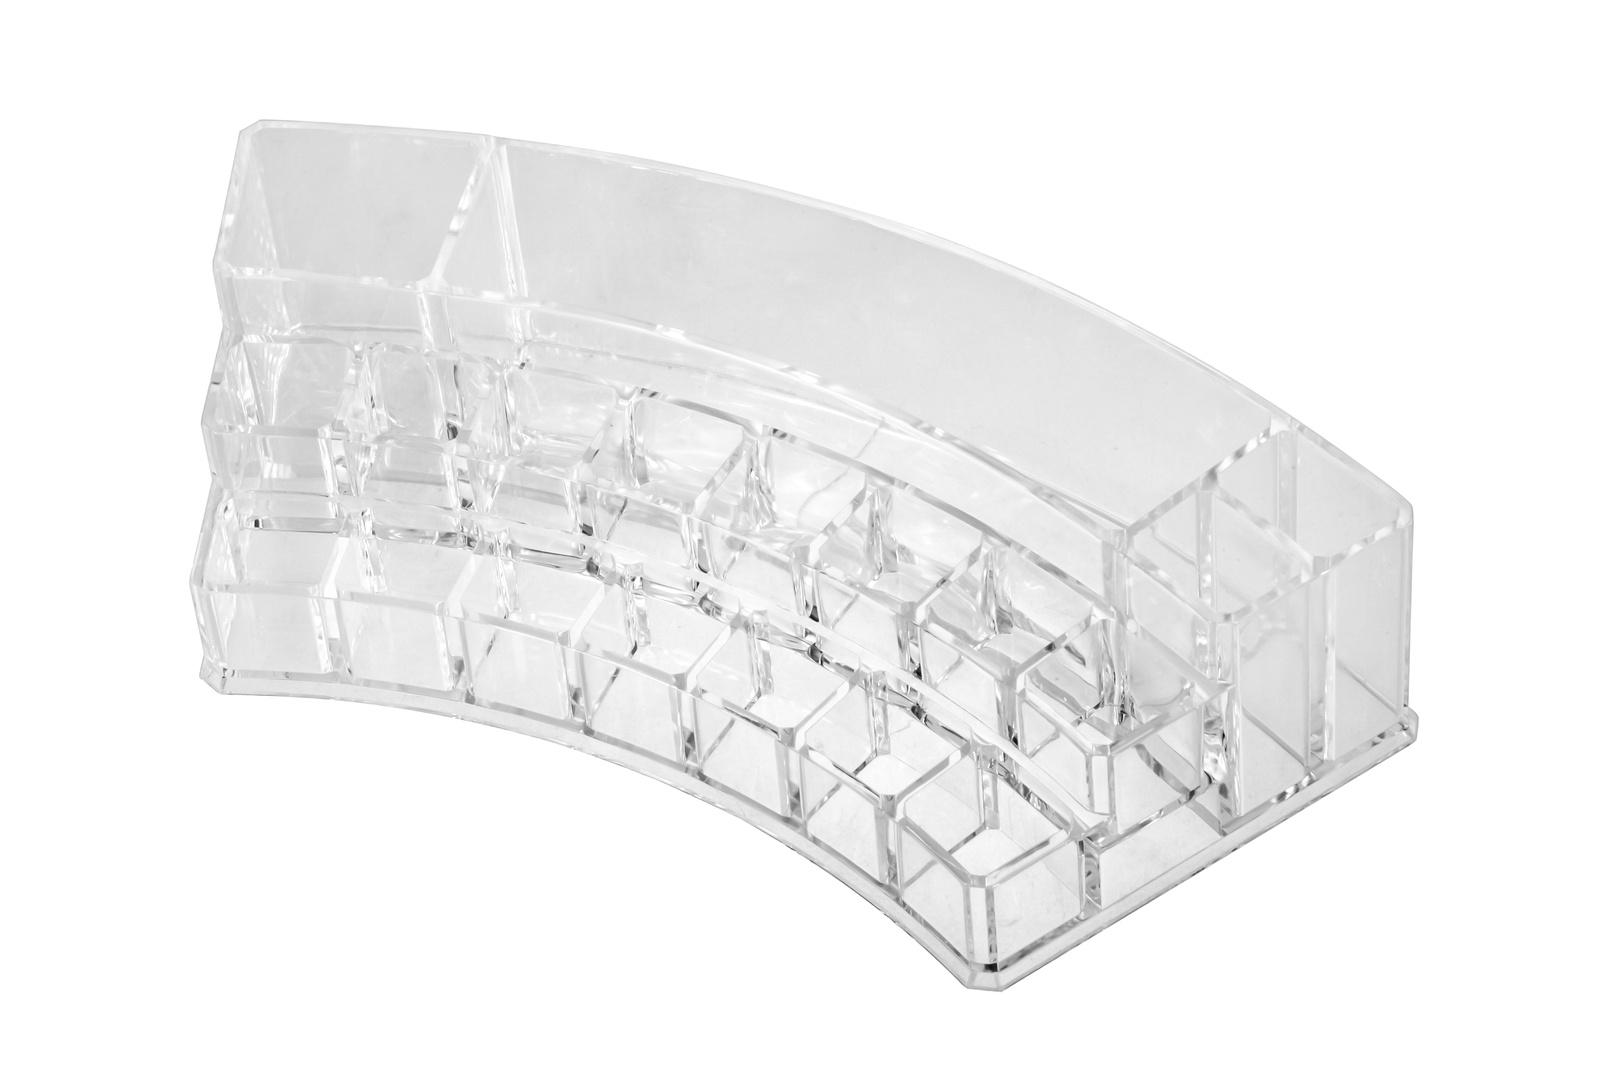 Органайзер для косметики IsmatDecor, S-319, акриловый, прозрачный